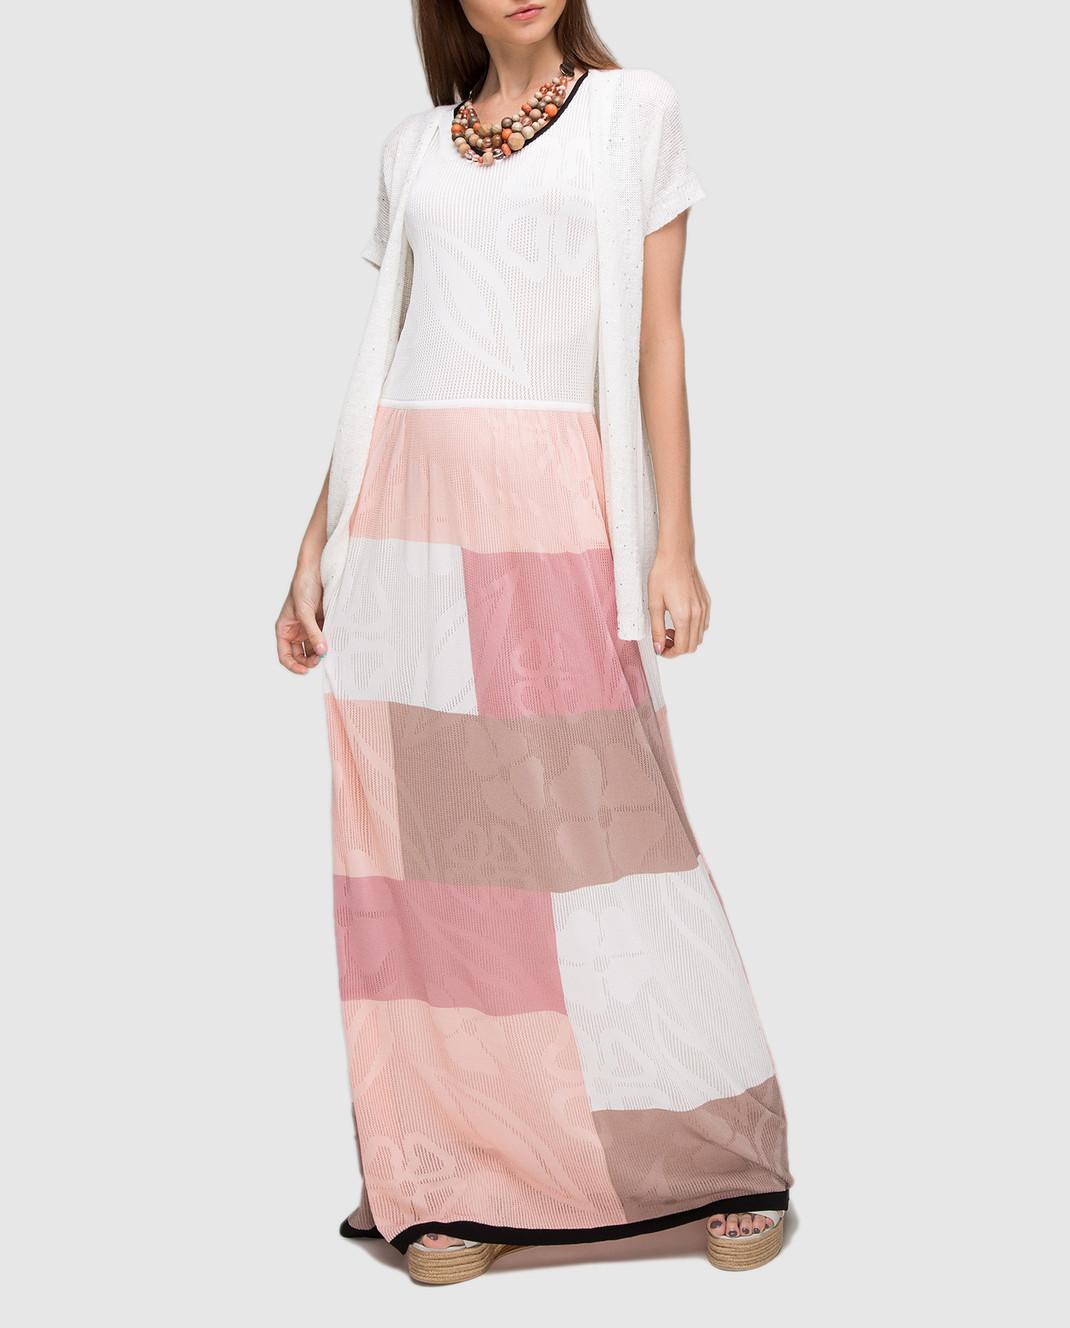 Tsarevna Пудровое платье  TS0100 изображение 2